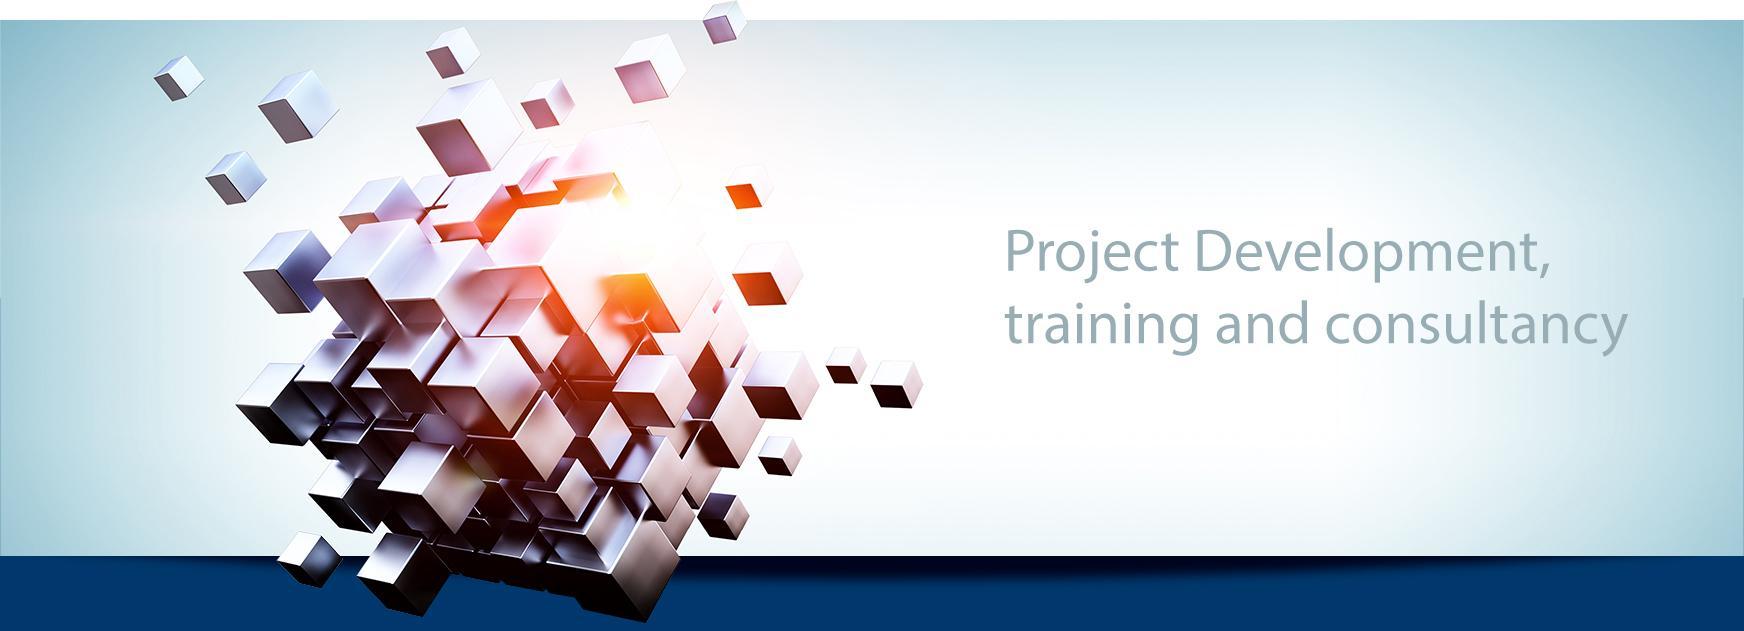 Proje Geliştirme, Eğitim ve Danışmanlık